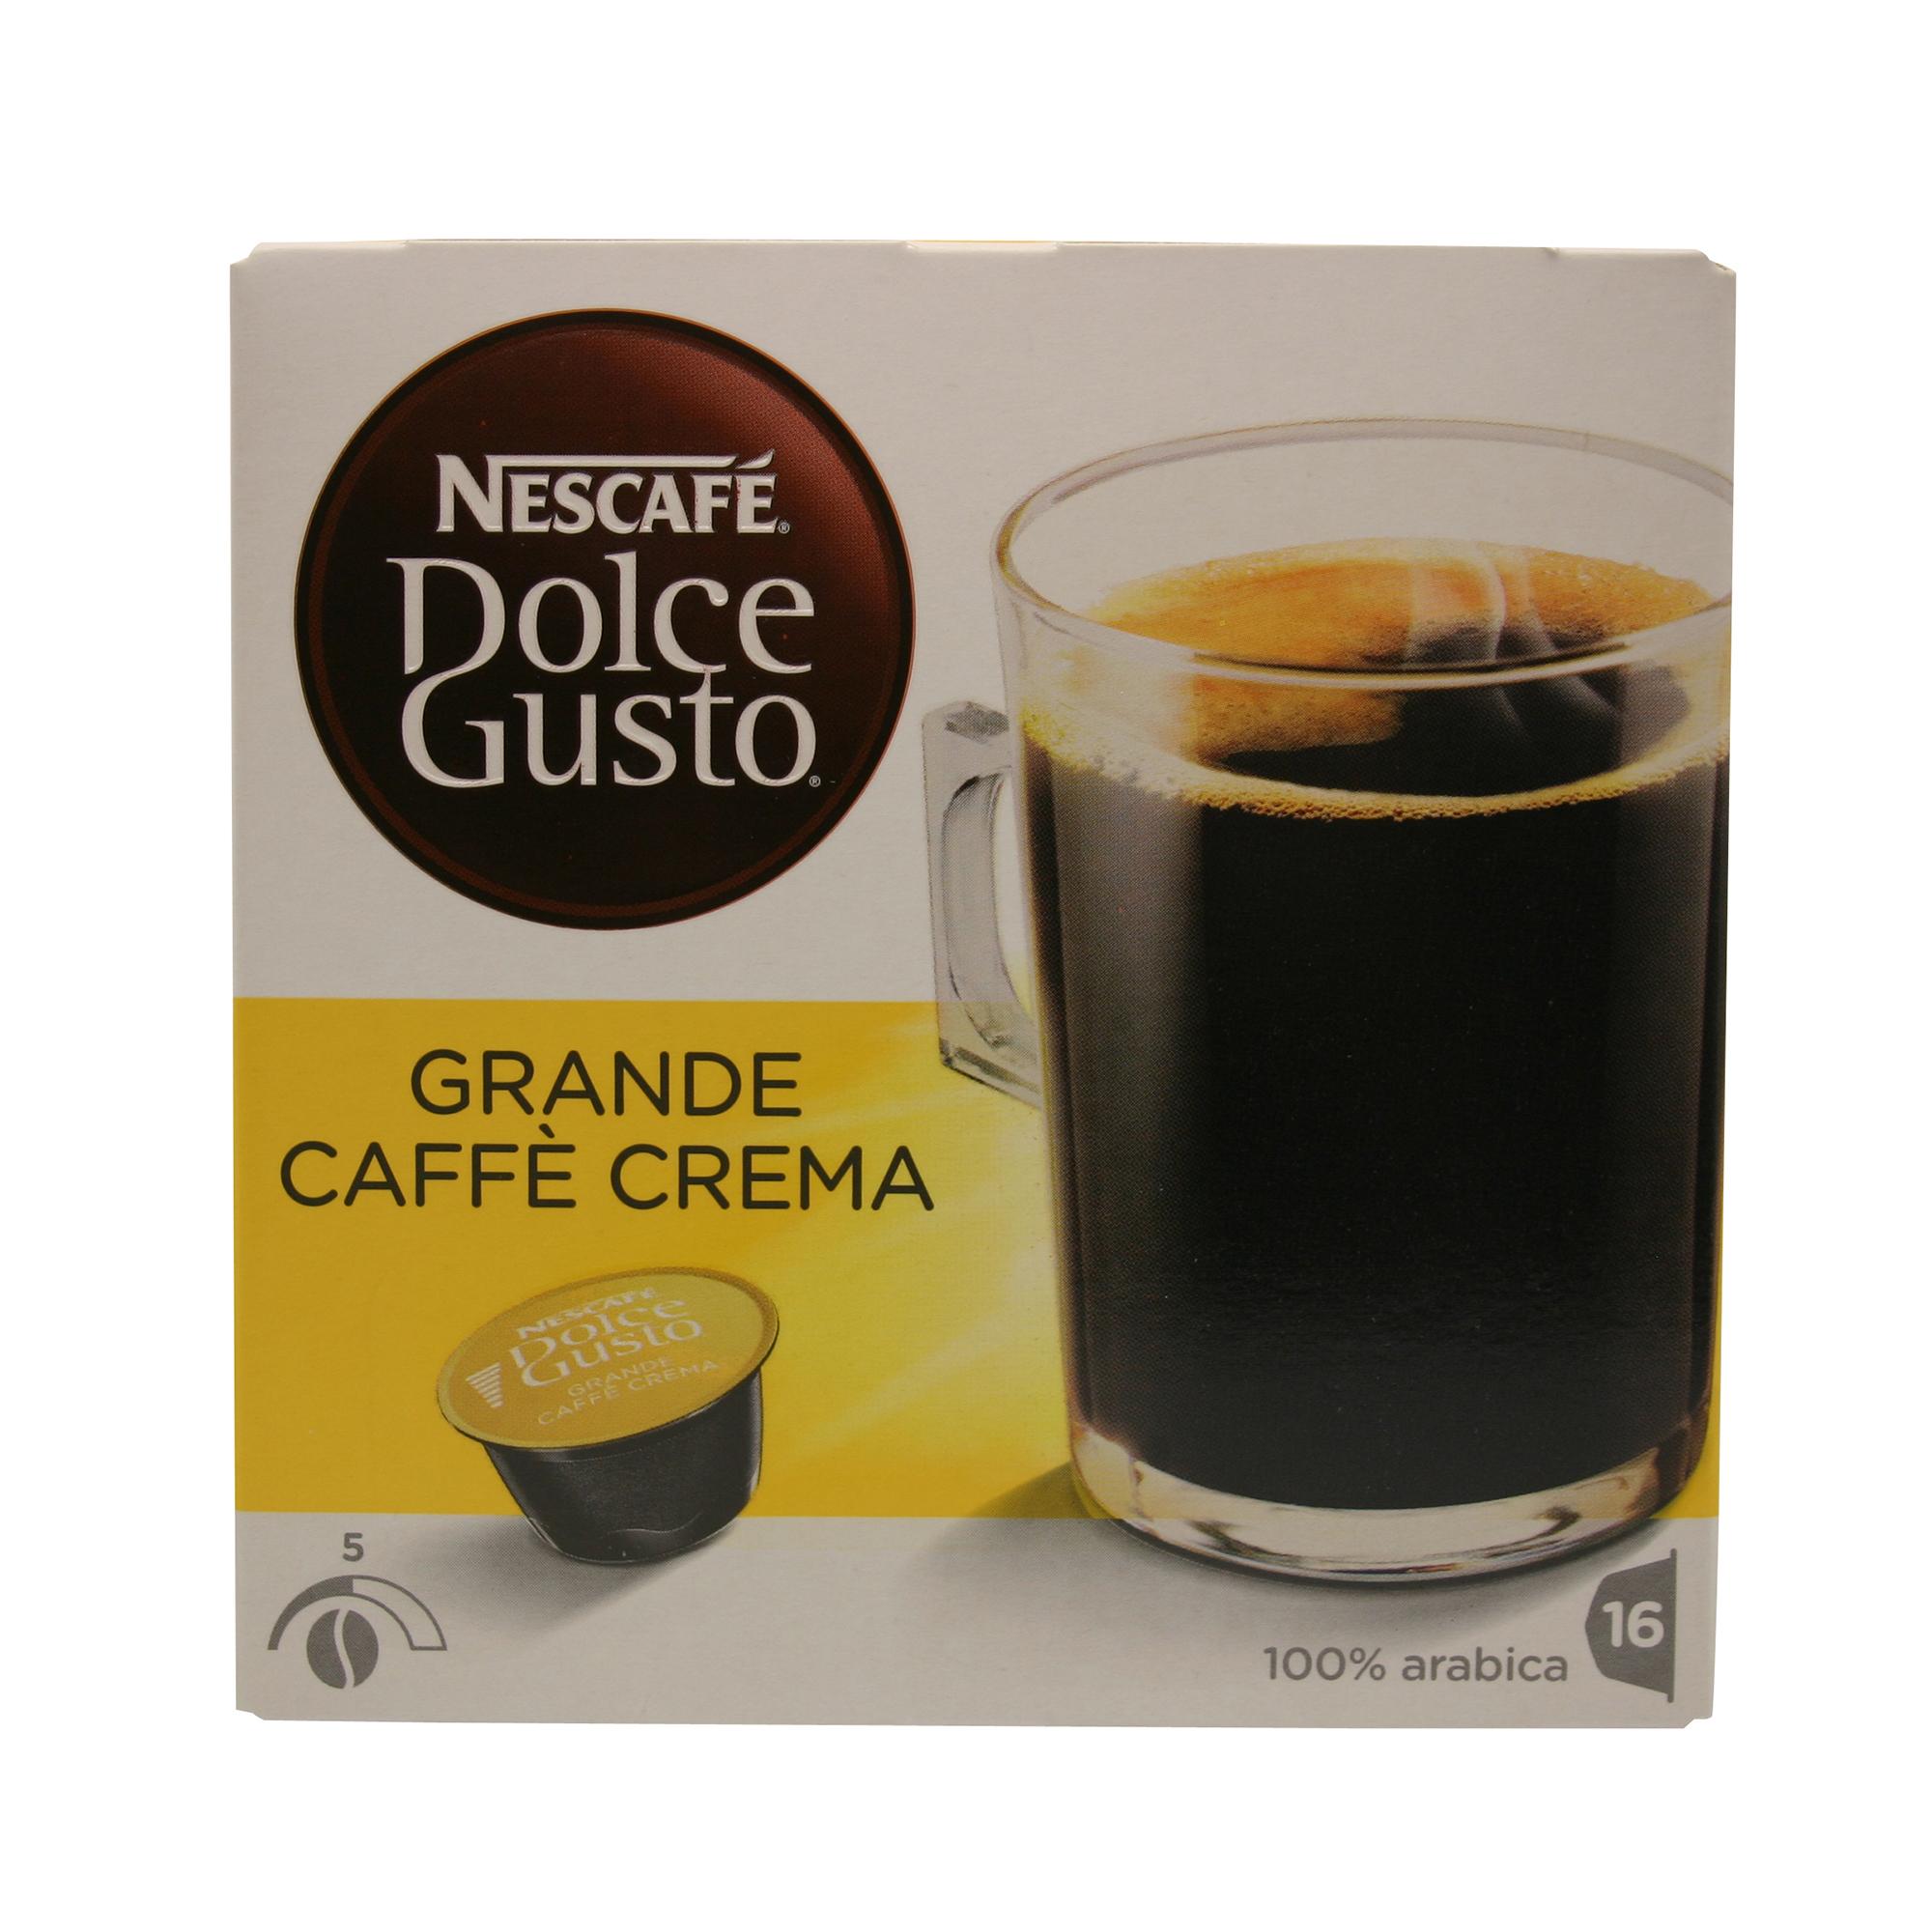 dolce gusto grande caffe crema